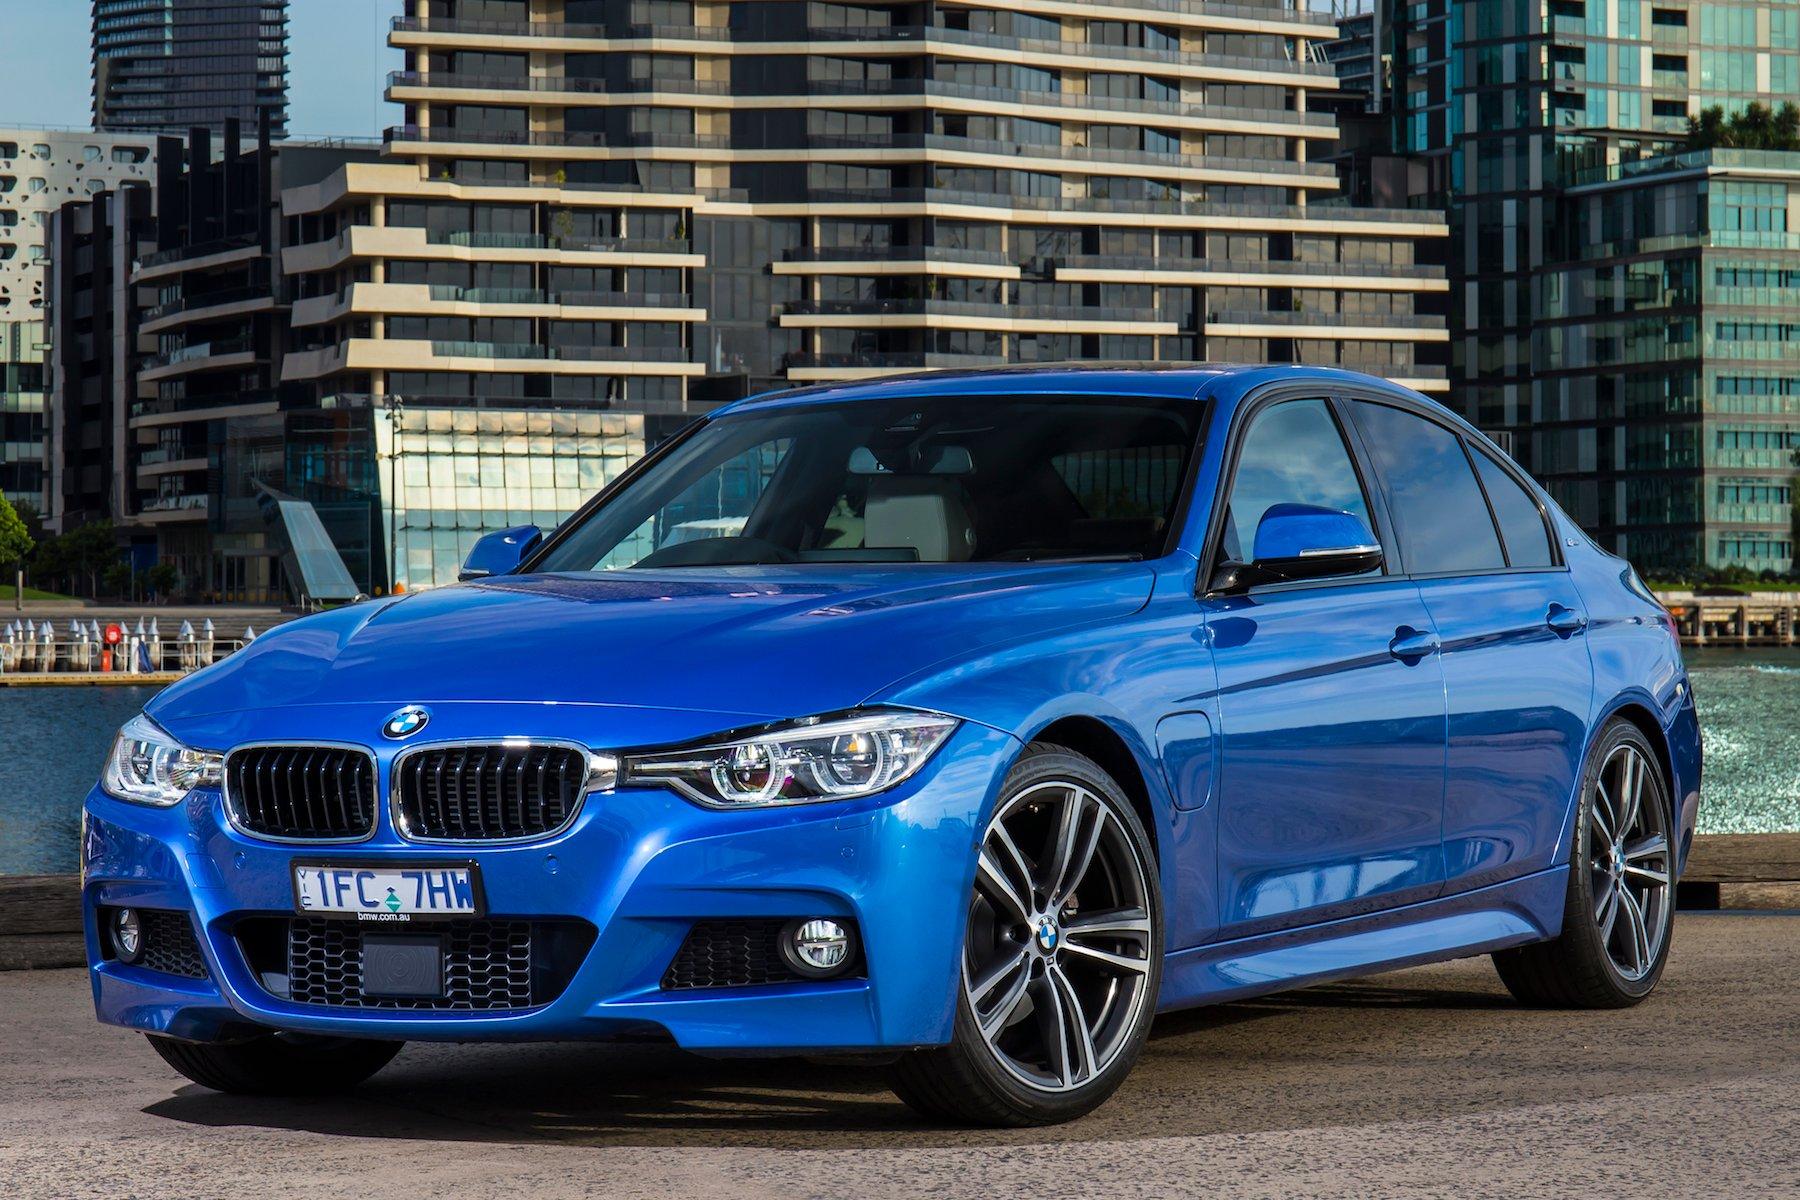 2016 BMW 330e Plug-in Hybrid Review - photos | CarAdvice